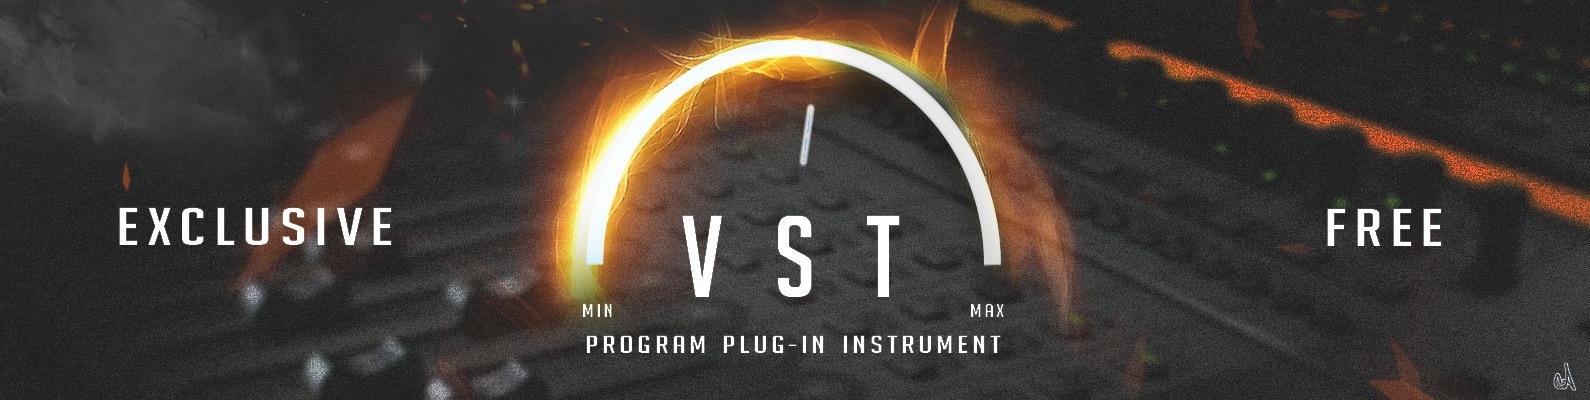 VST-ПЛАГИНЫ | VK